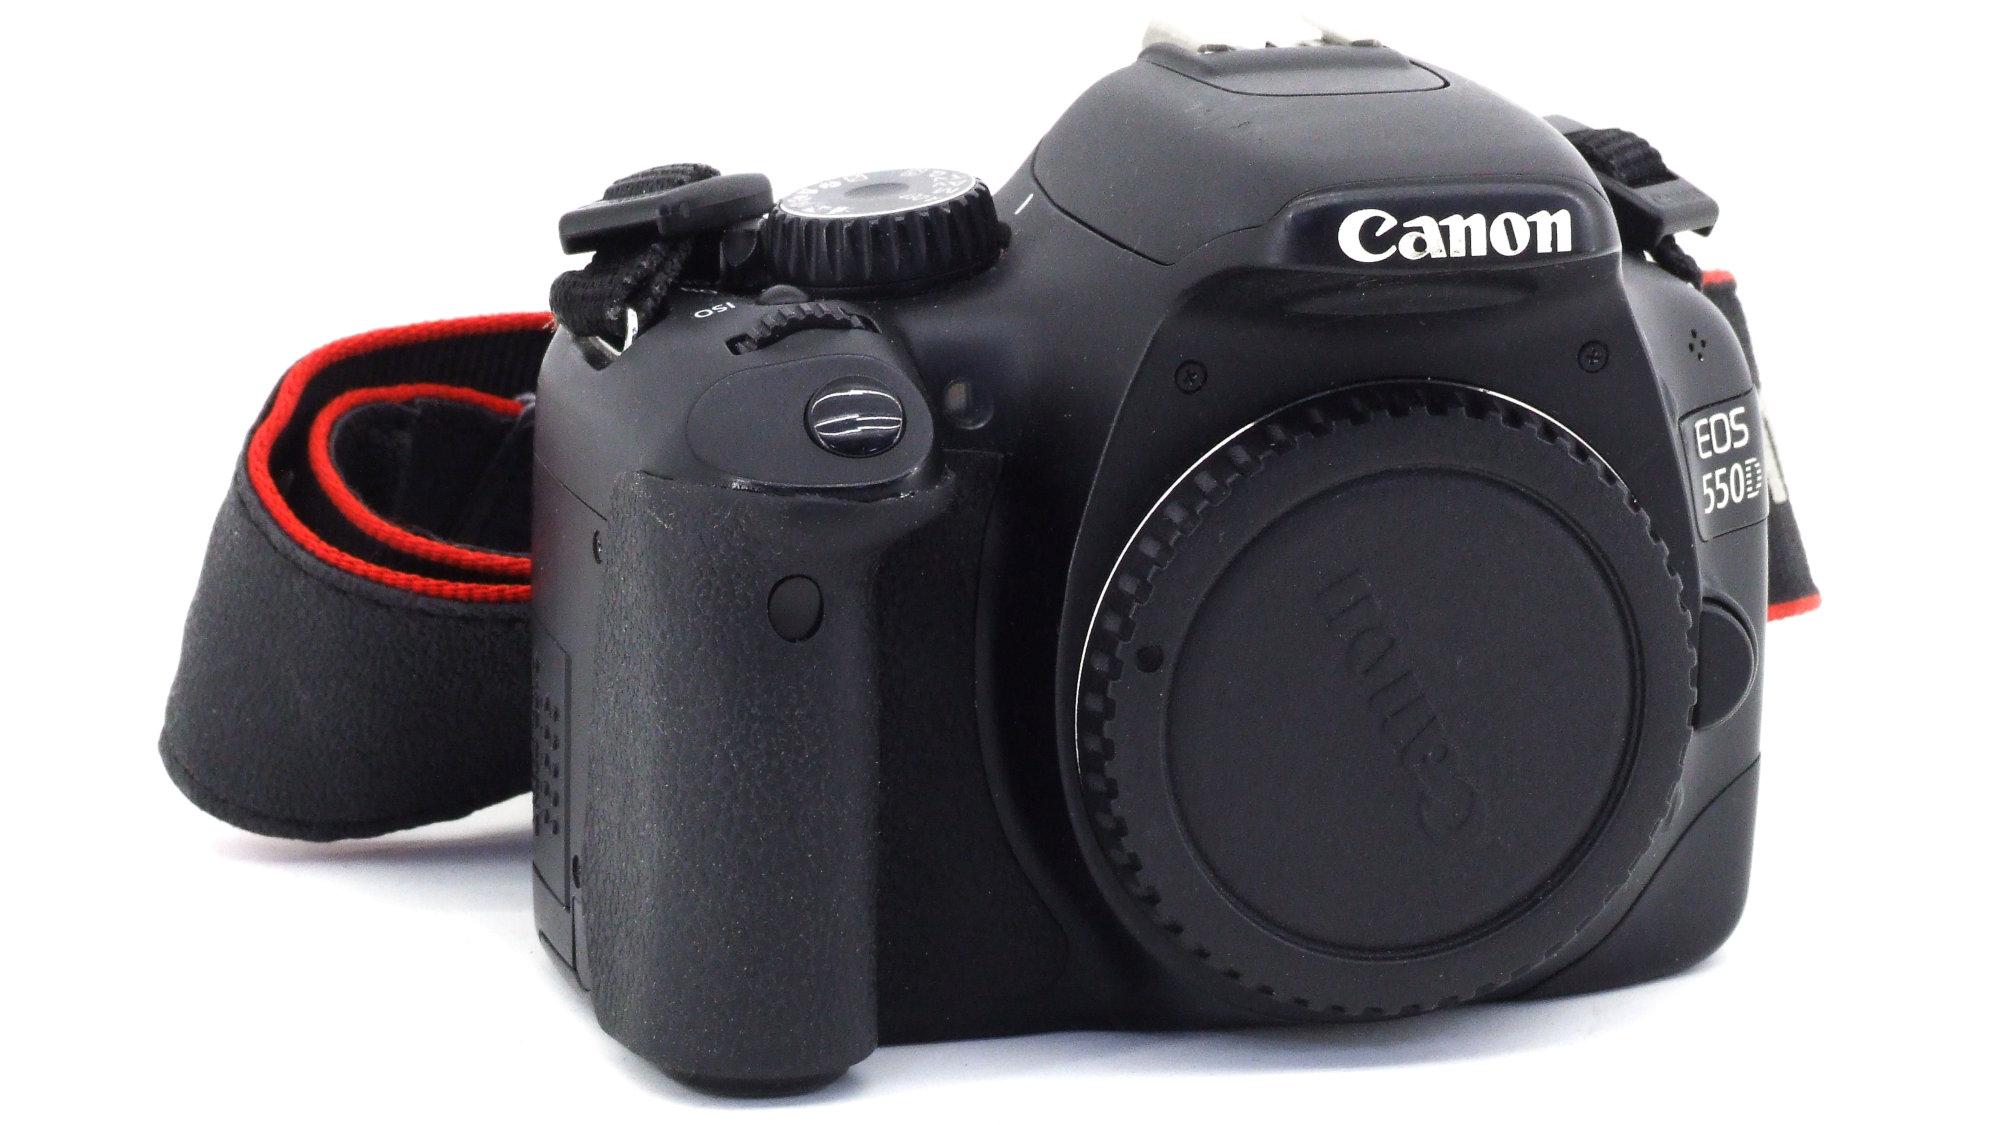 Canon EOS 550D leihen